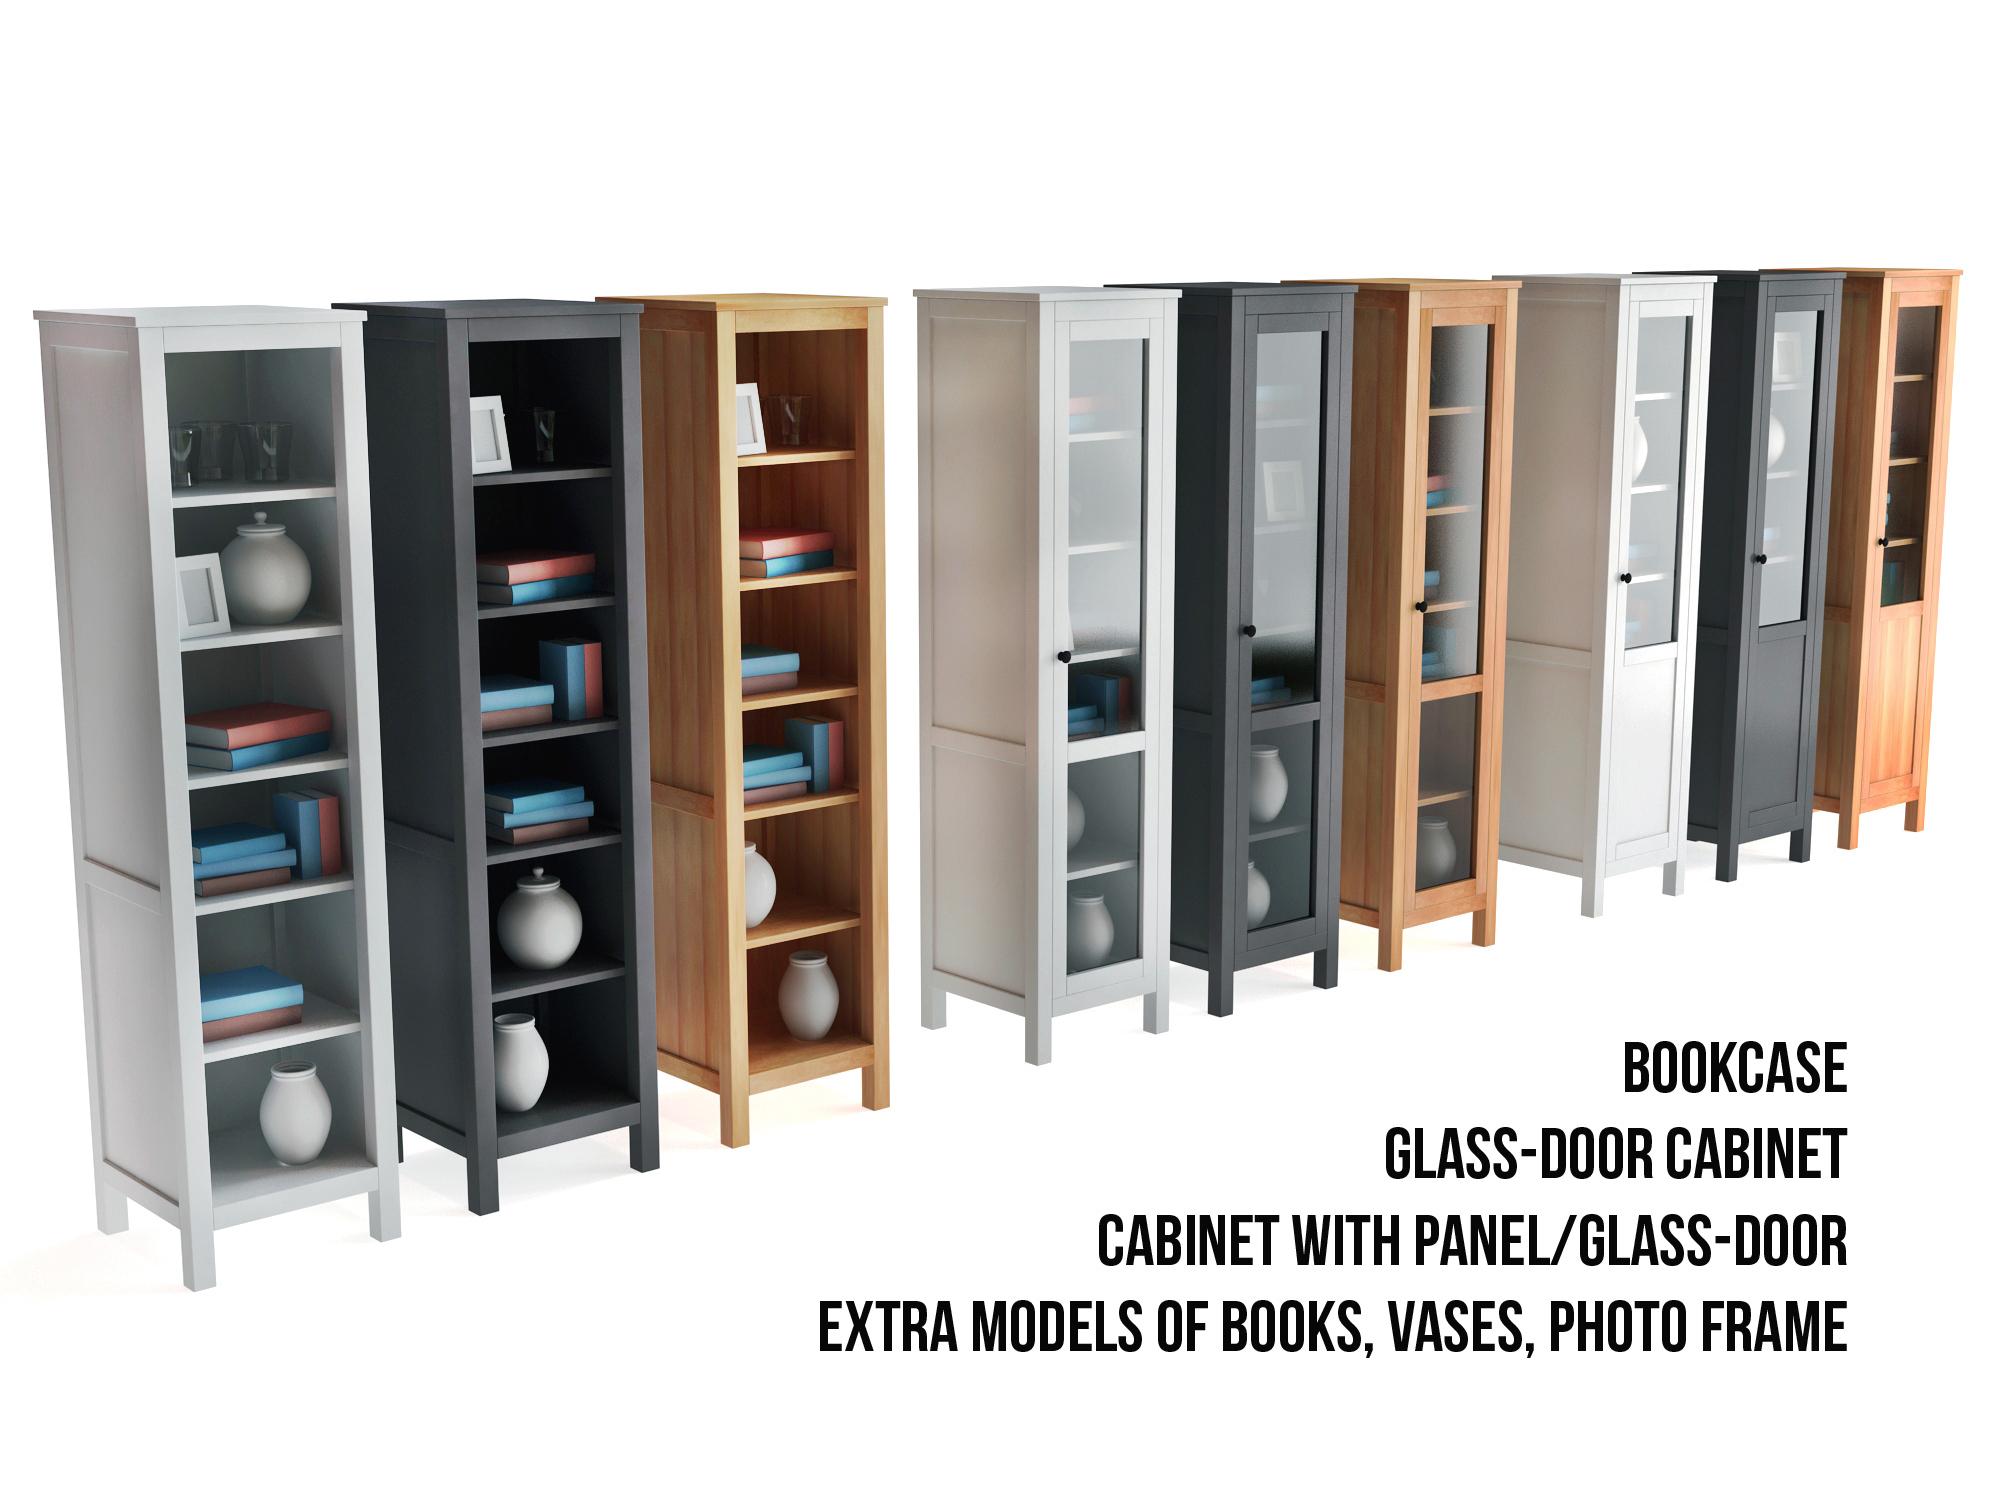 Ikea Hemnes Bookcase And Glass Door Cabinet